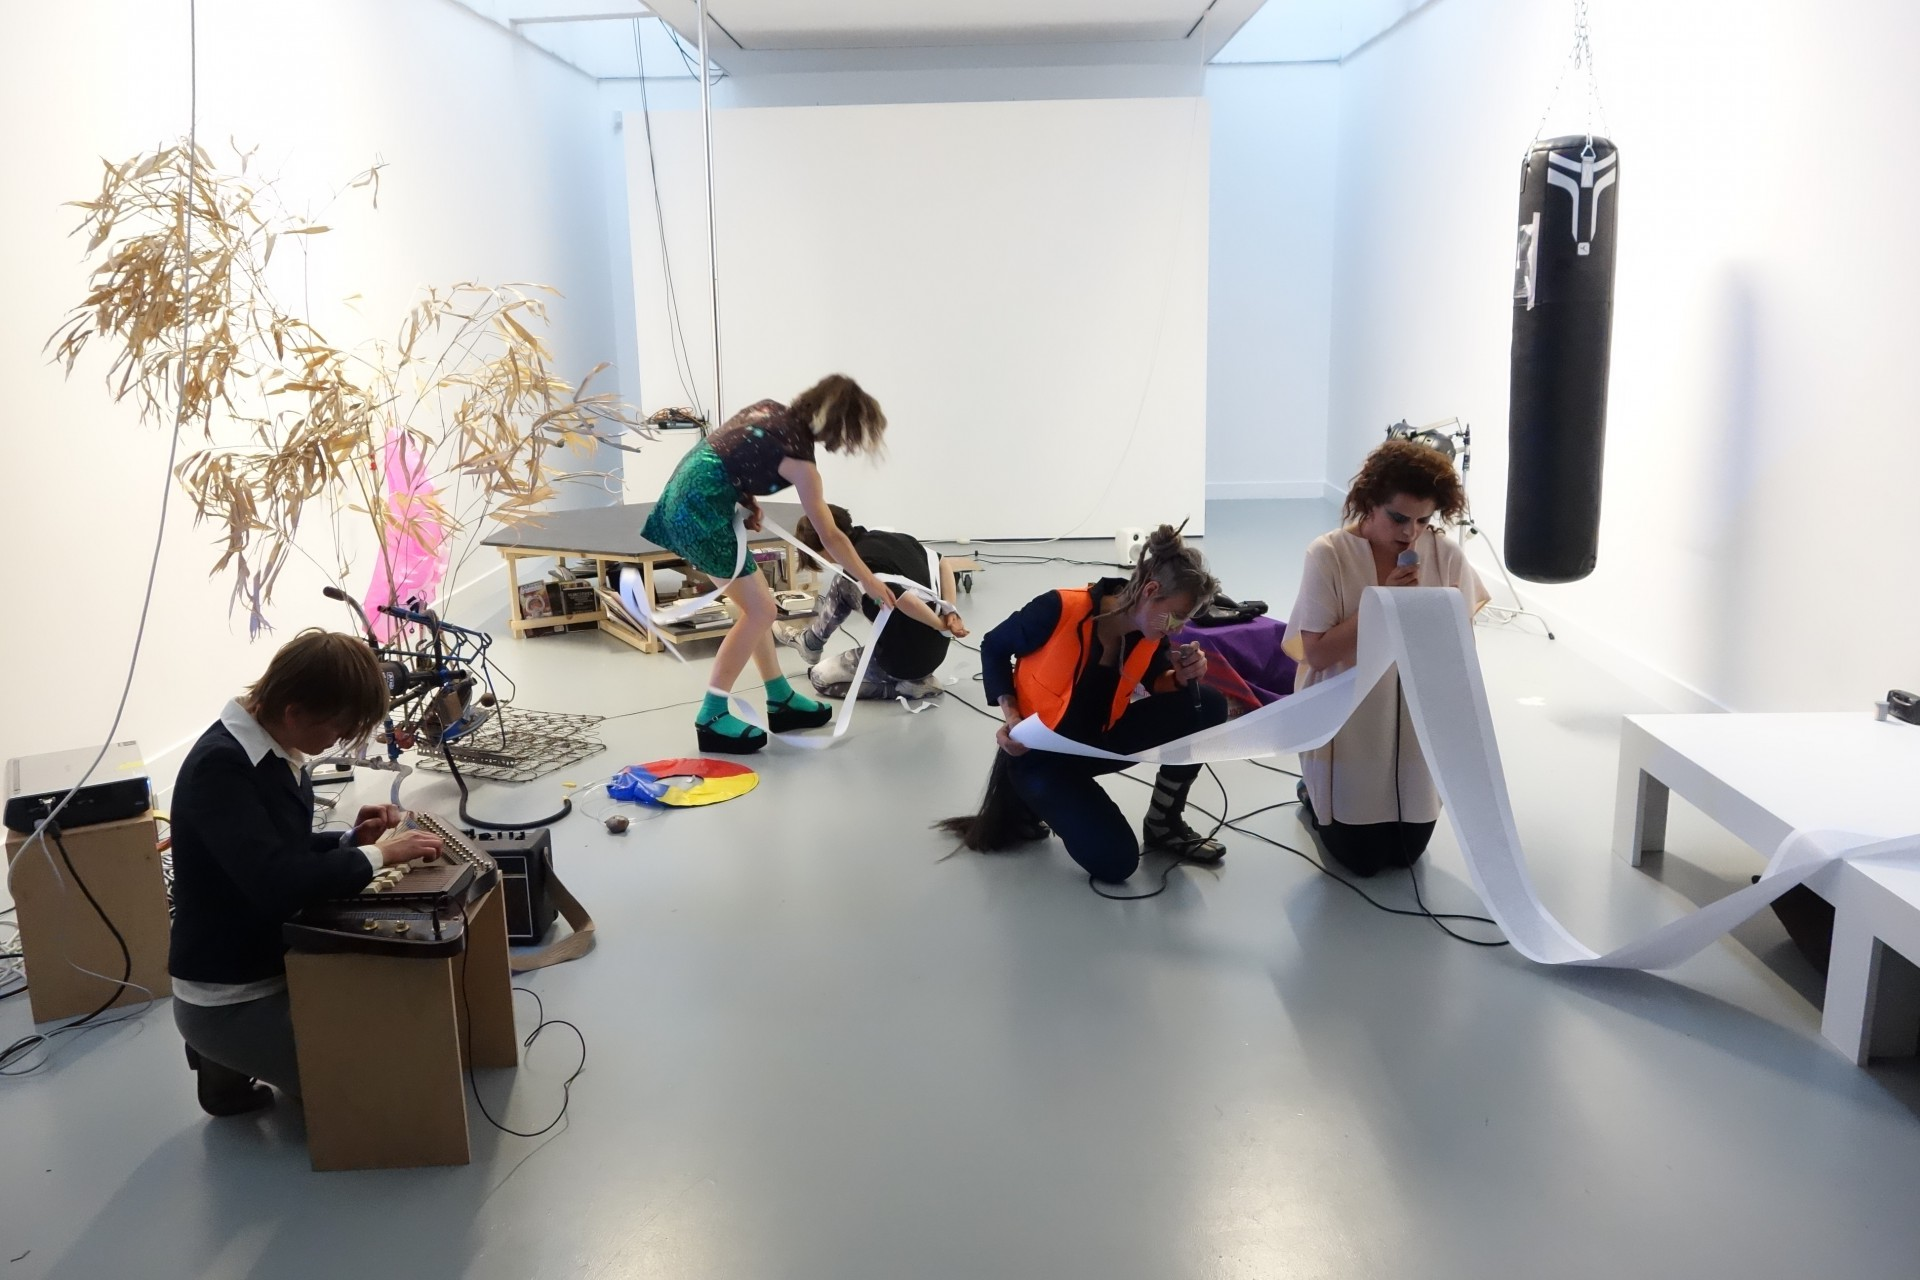 Kunsthalle Bozen Margareth Kaserer and Simon Steinhauser